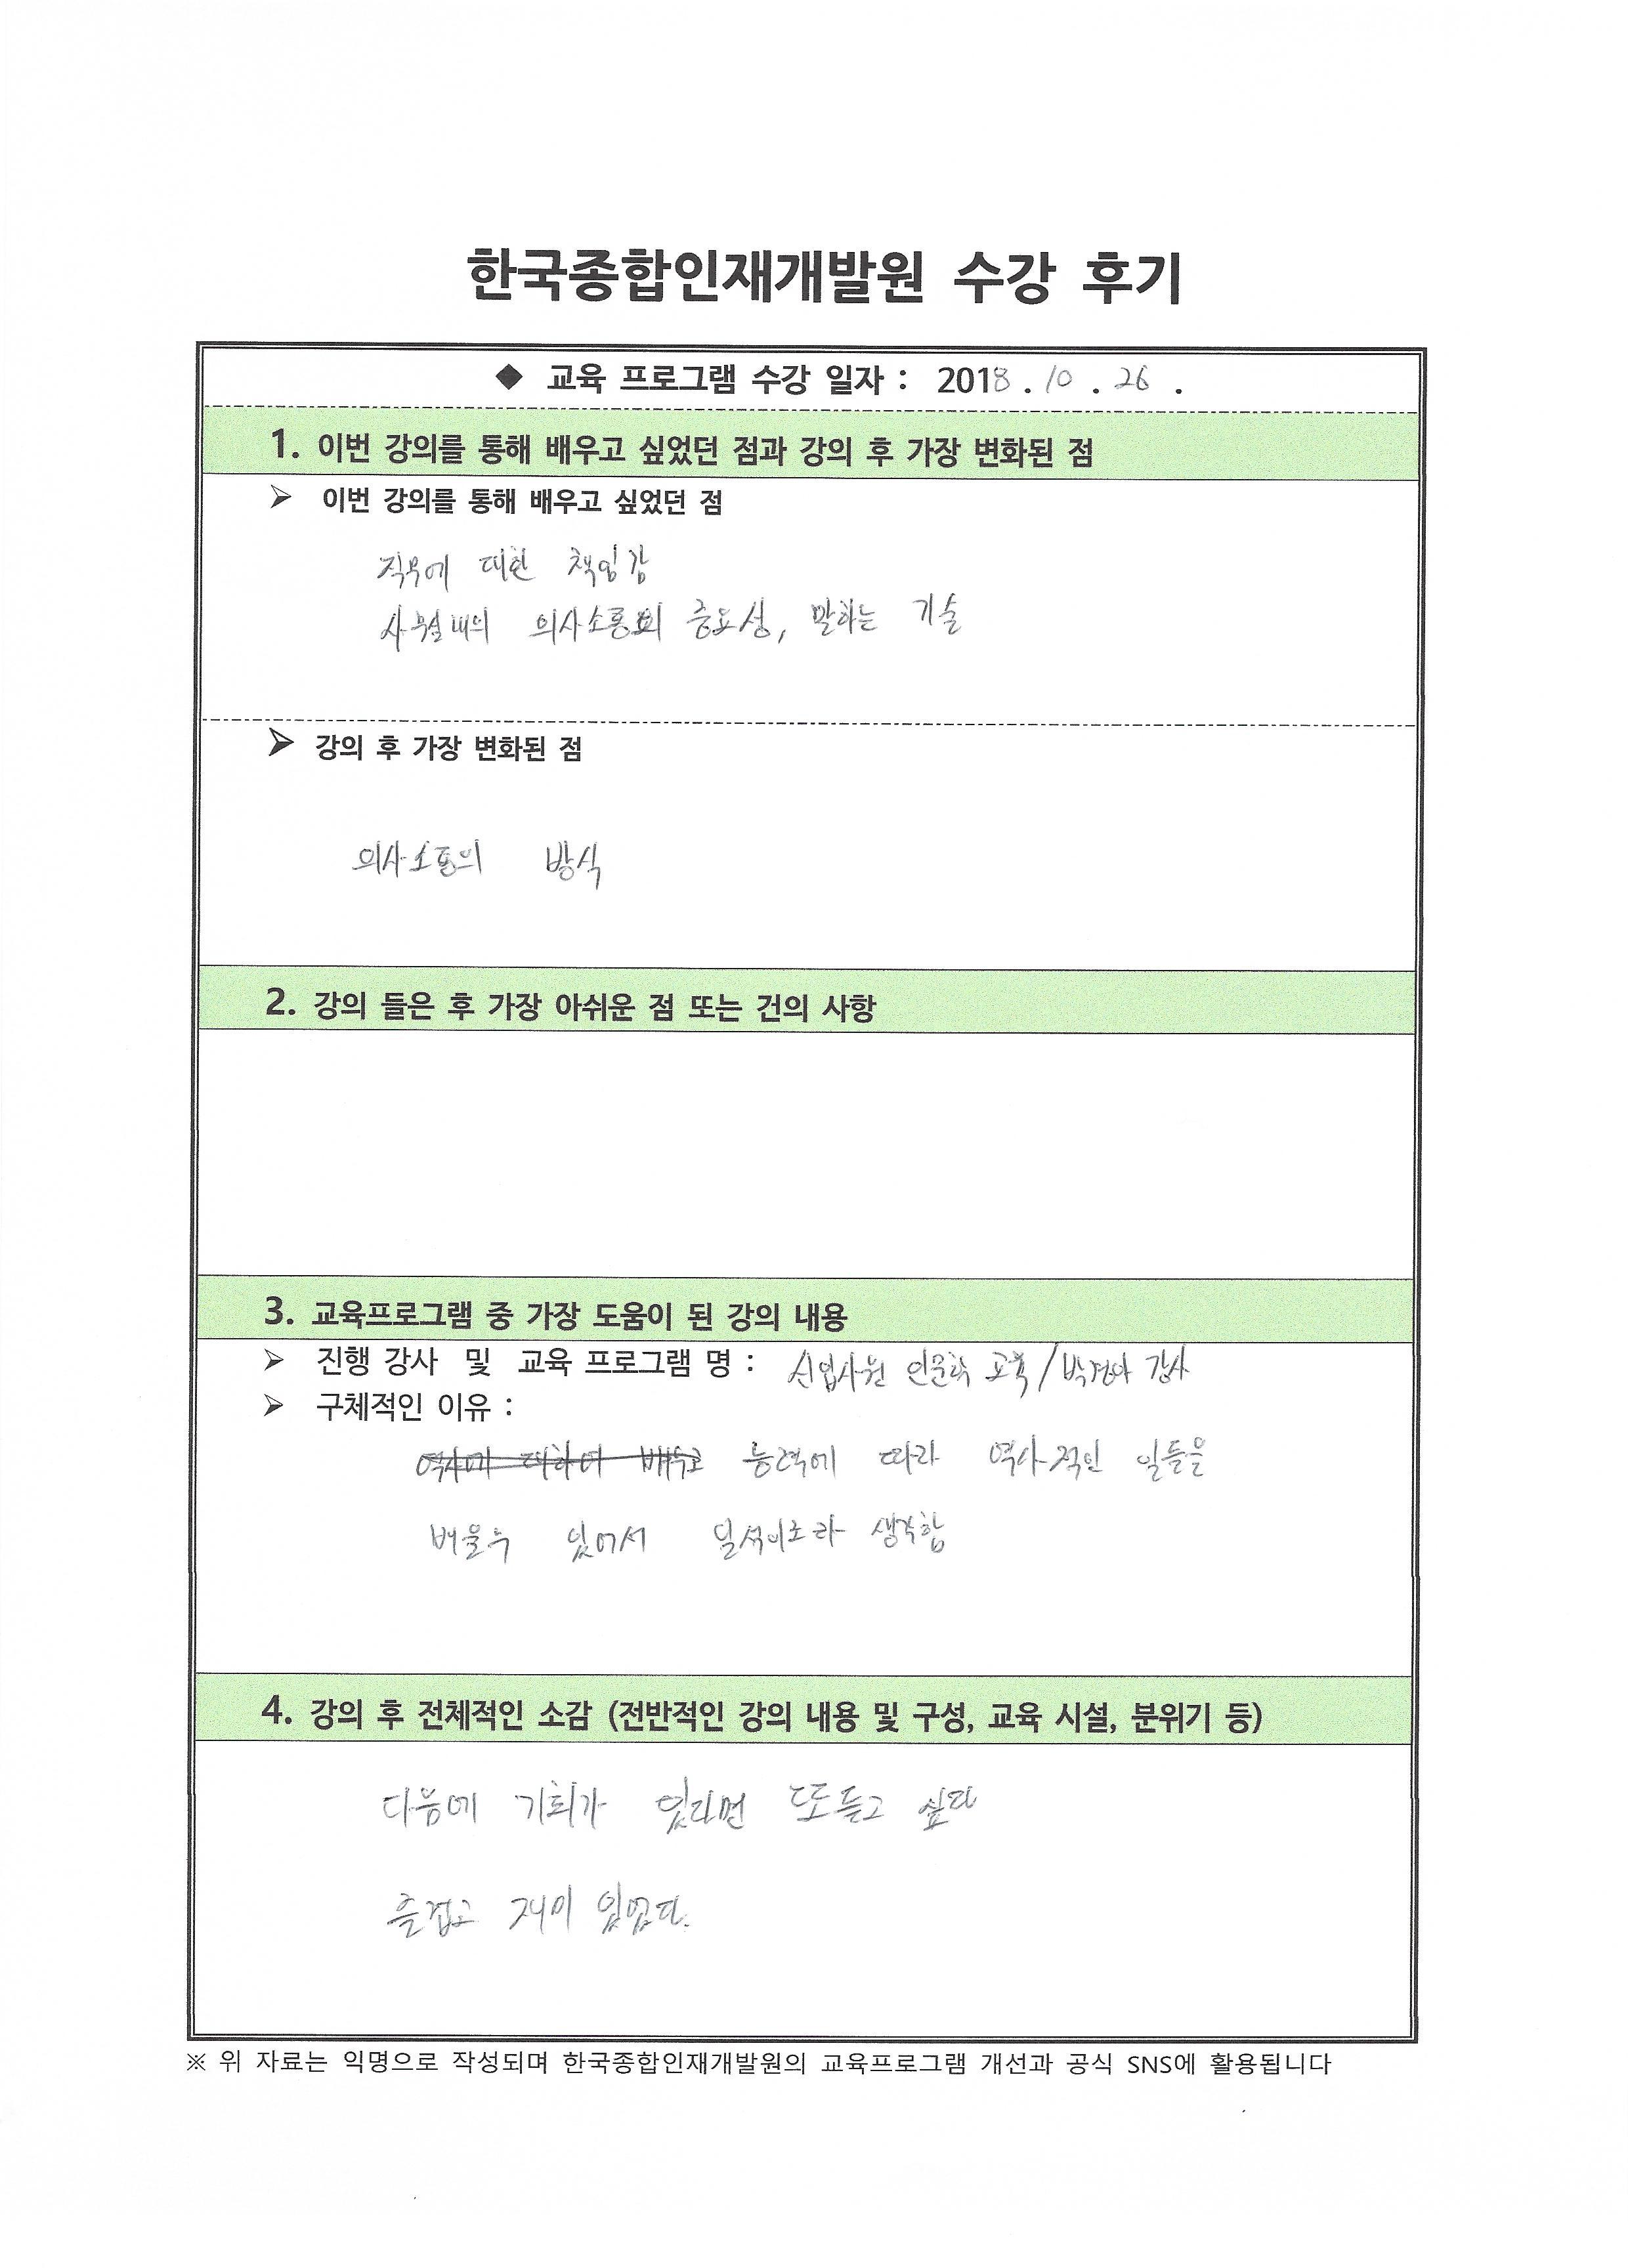 미트뱅크후기-10 사본.JPG